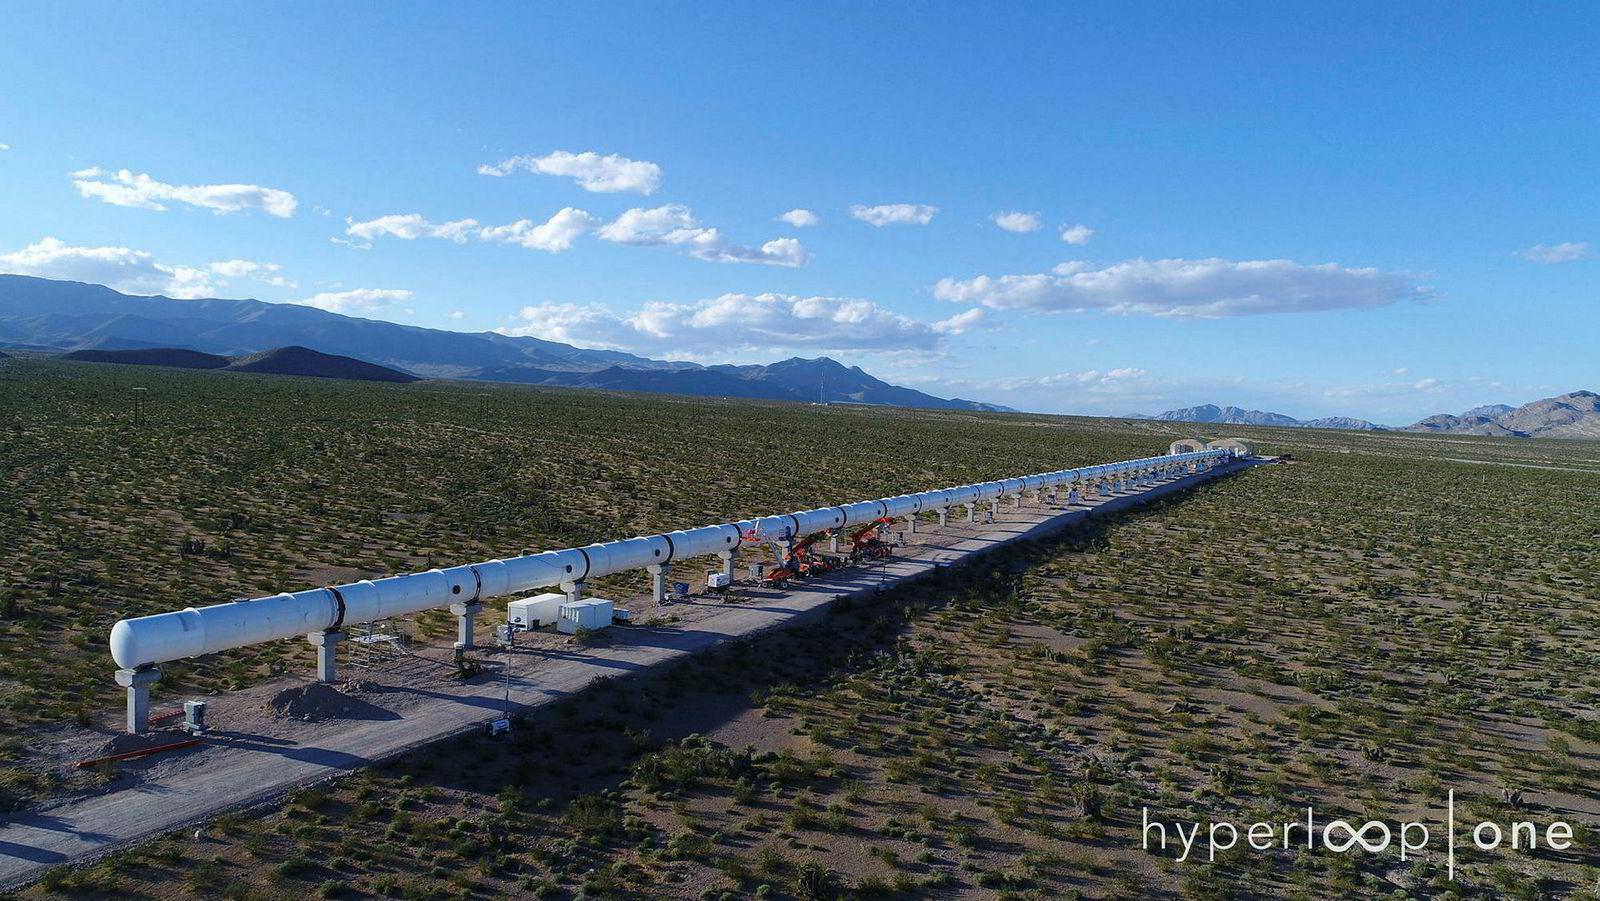 Den 500 meter lange testbanen i Nevada-ørkenen viser hvordan transportsystemet vil se ut i landskapet.